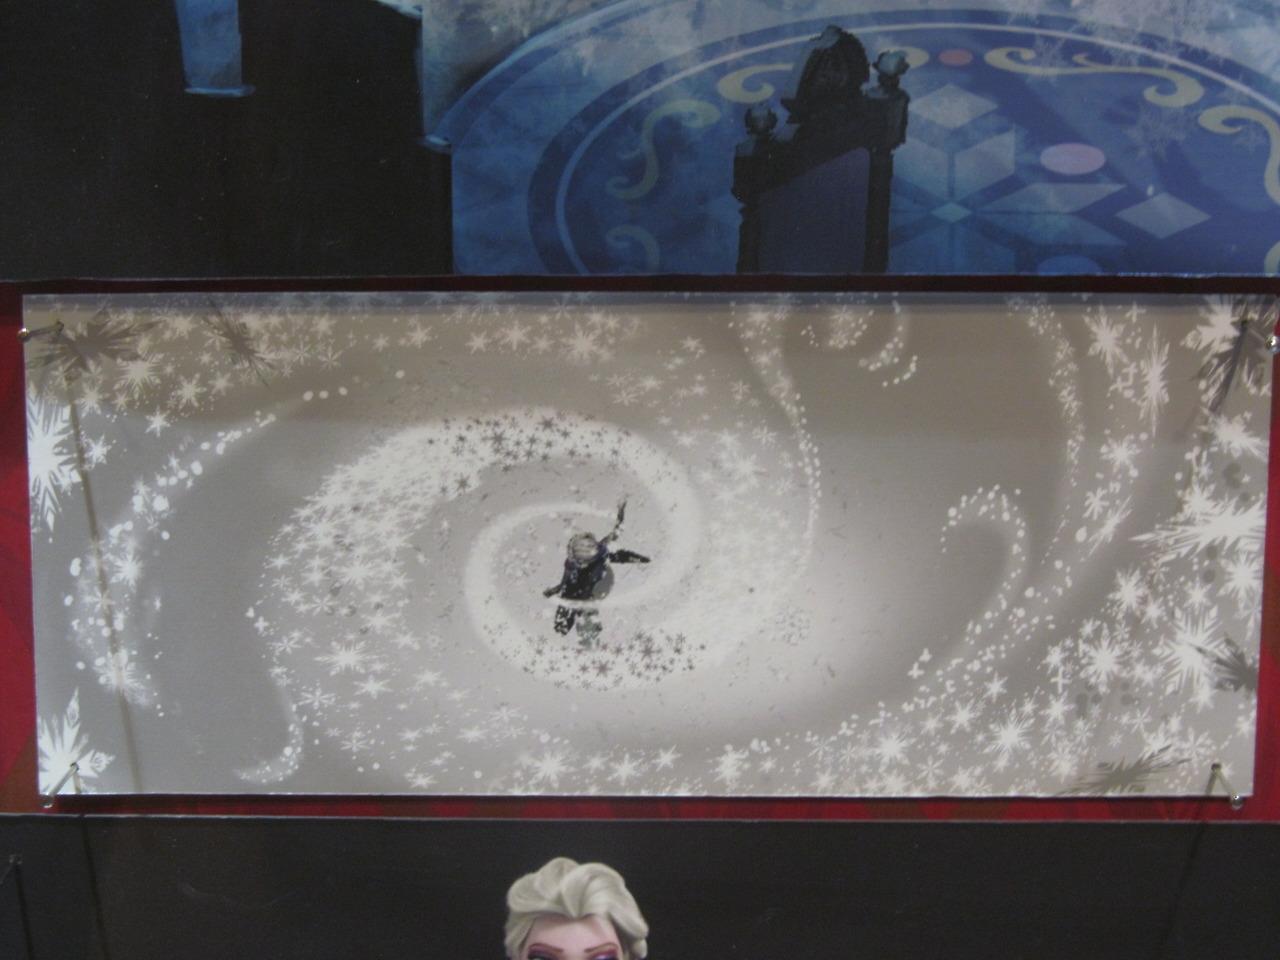 Elsa Concept Art - Elsa the Snow Queen Photo (35612380 ...